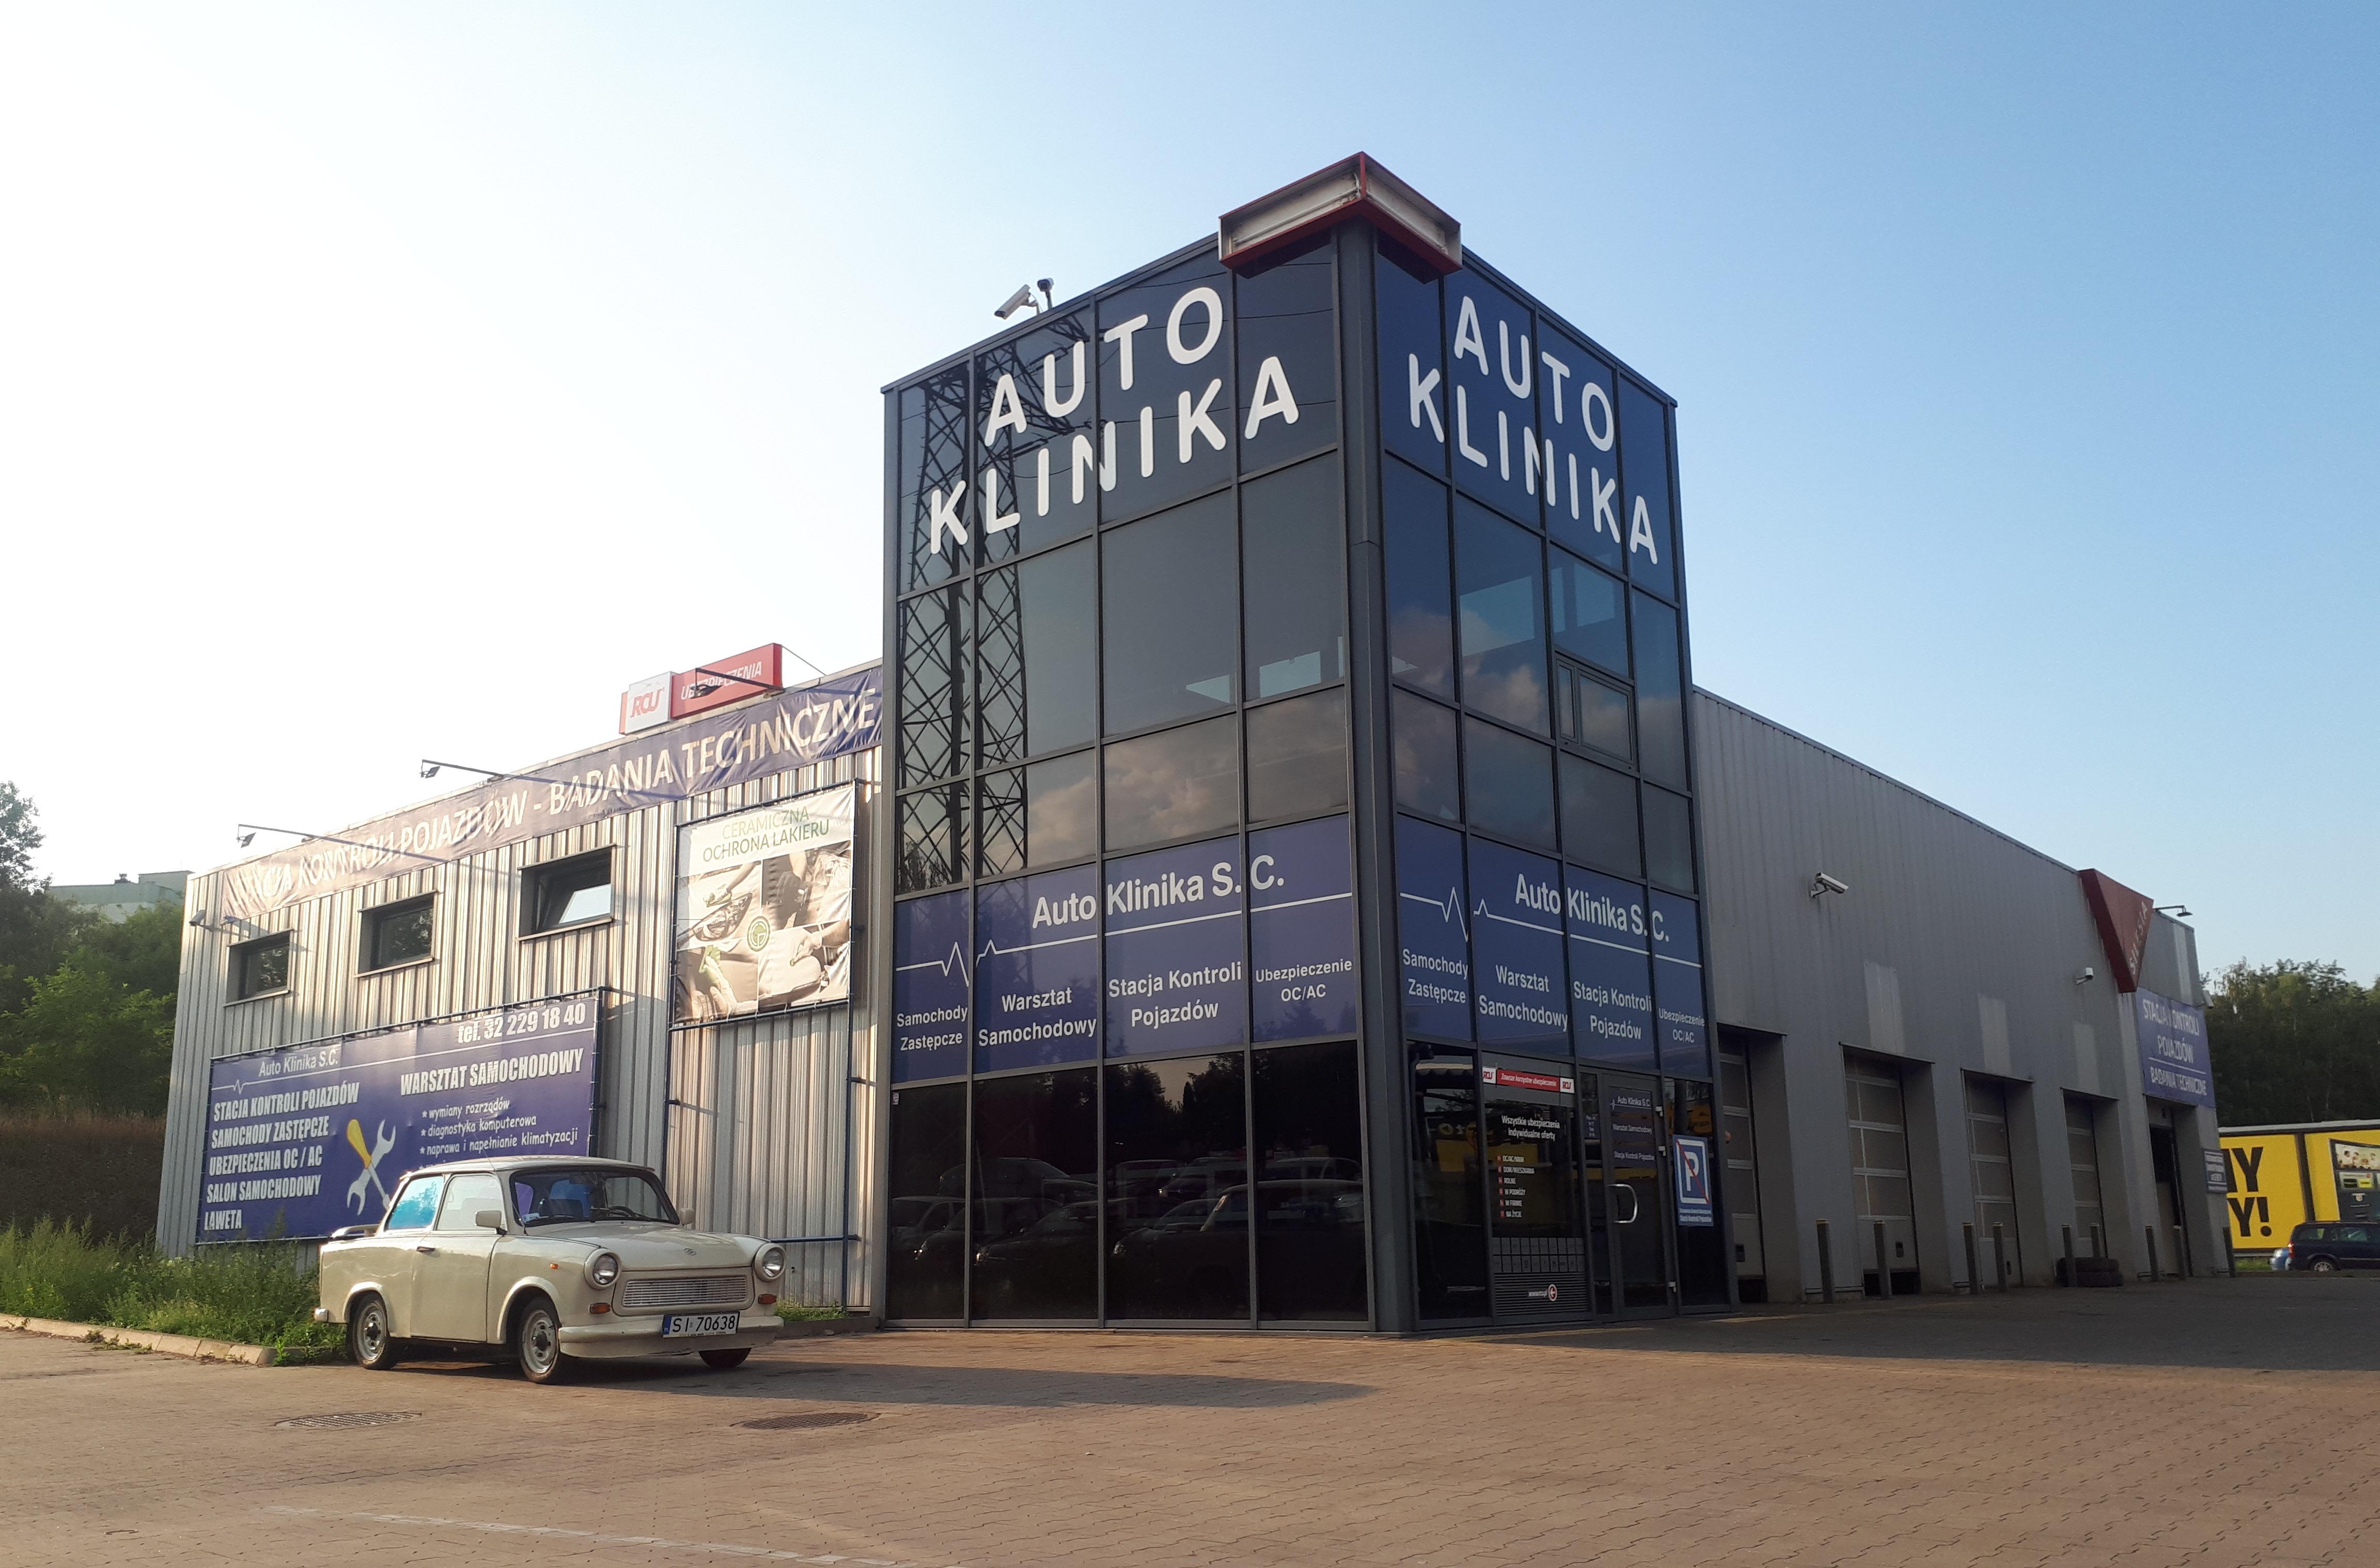 Auto Klinika S.C. Siemianowice Śląskie photo-0